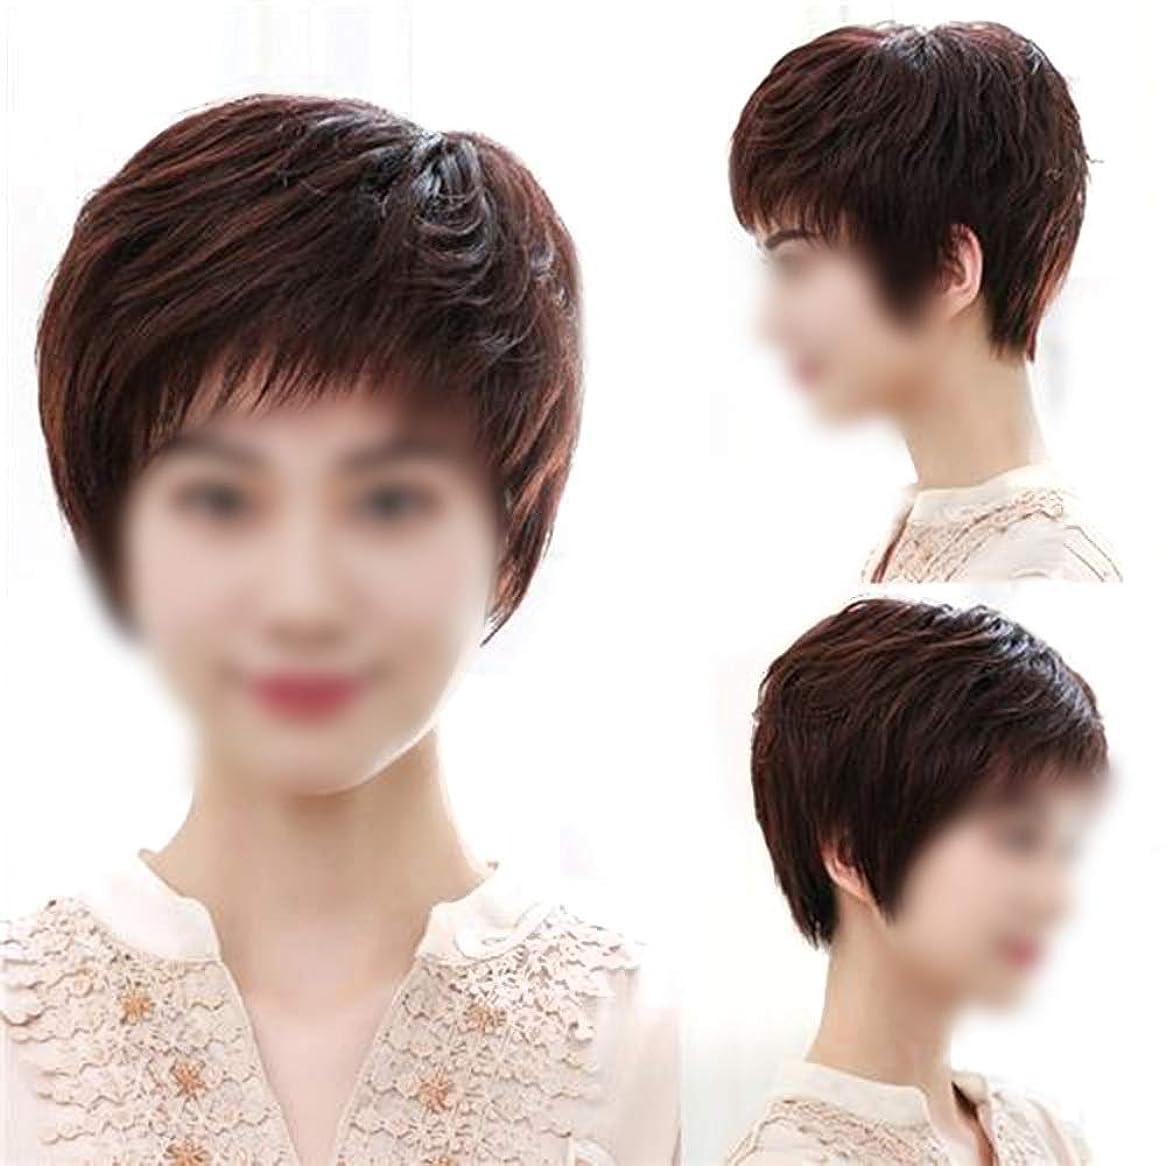 憧れオーロック地区Yrattary 女性のダークブラウンのショートヘア中年の手編みリアルヘアヘアナチュラルリアルなかつら女性の合成かつらレースかつらロールプレイングかつら (色 : Natural black)